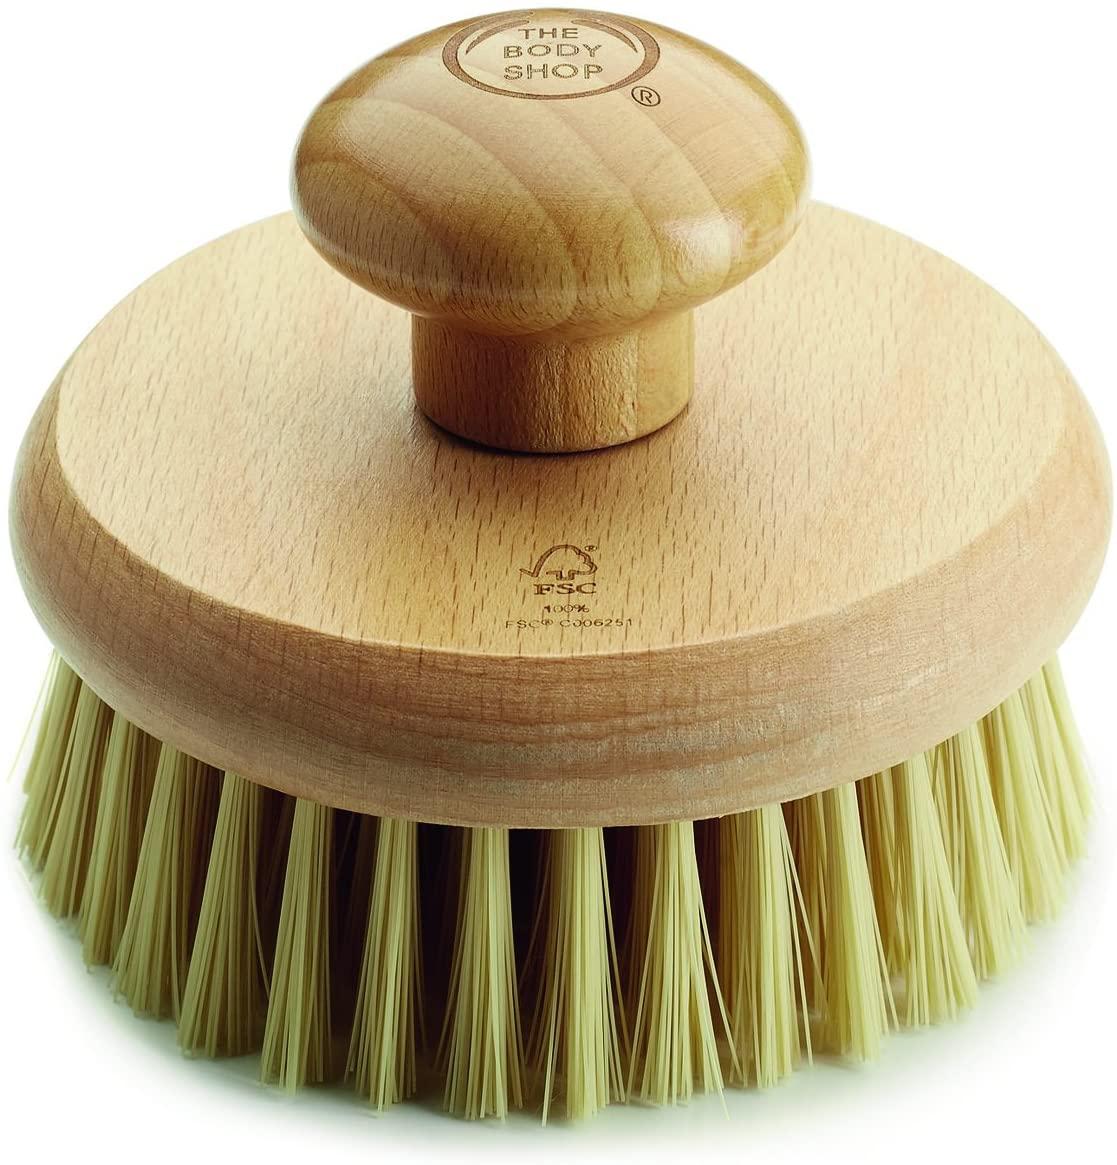 Body Shop body brush